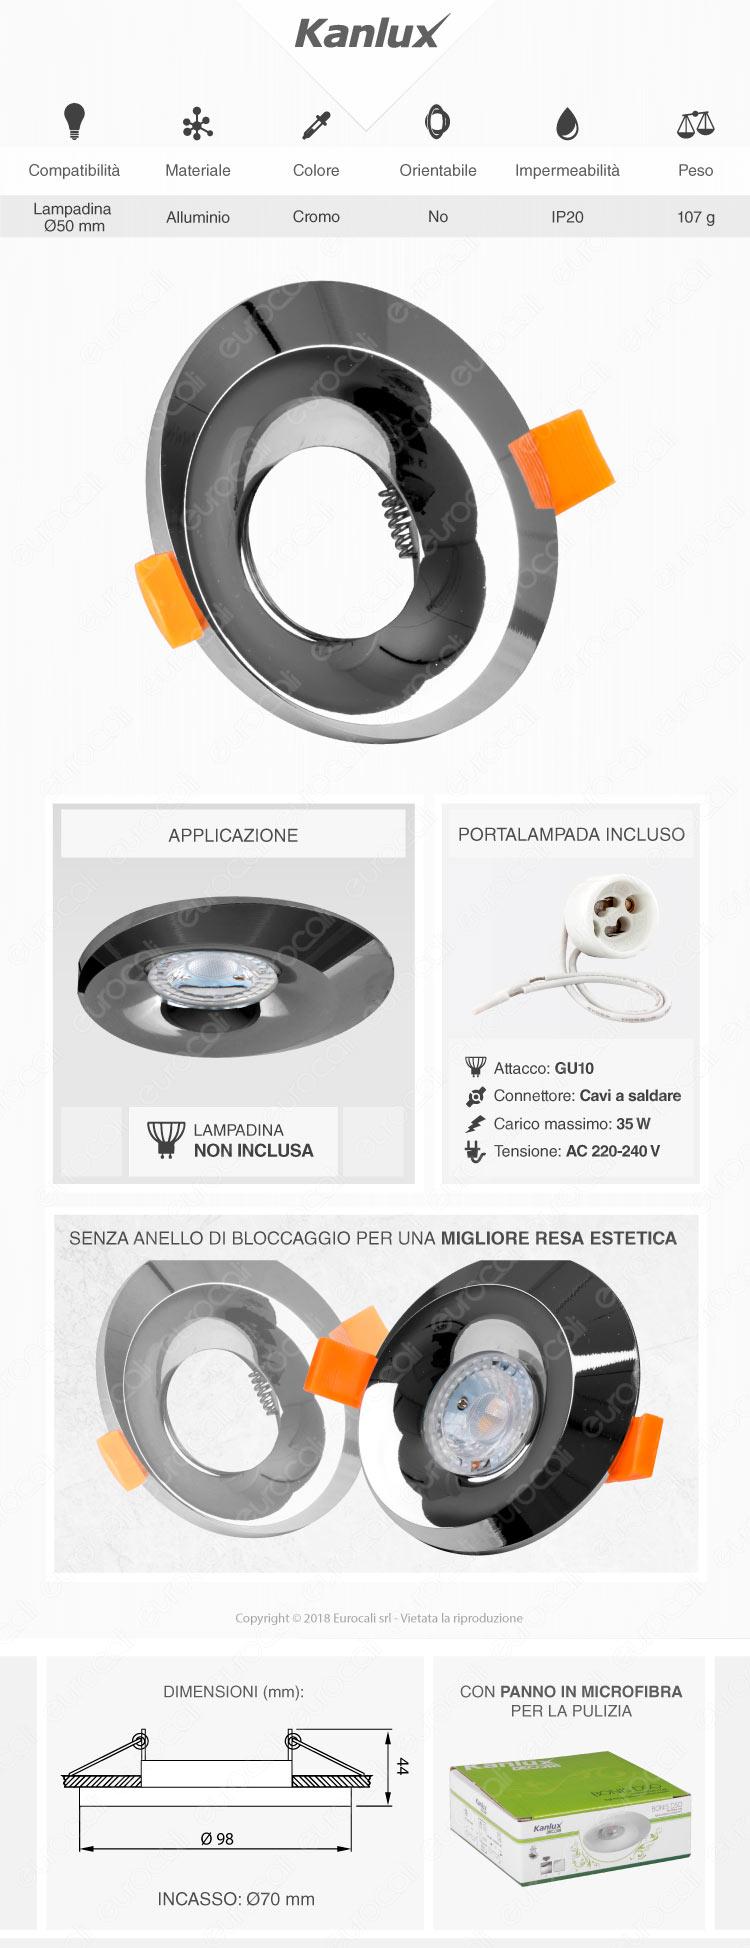 Kanlux BONIS DSO Portafaretto Rotondo da Incasso Colore Cromo per Lampadine GU10 e GU5.3